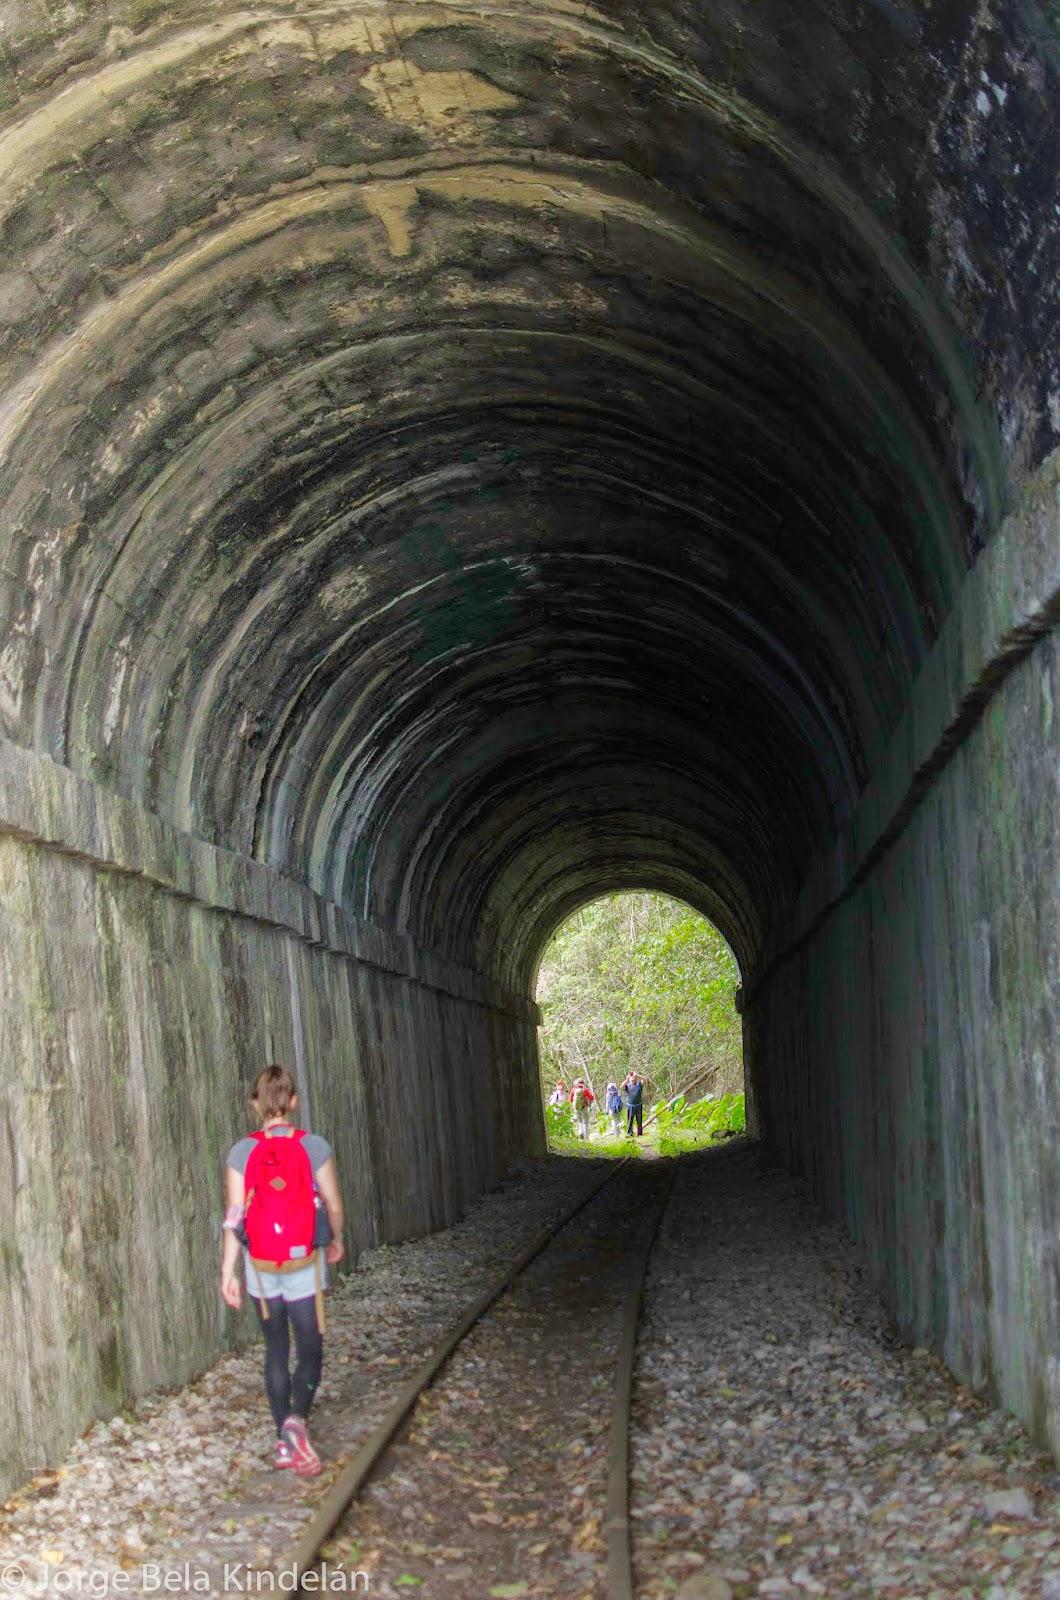 El balasto es aún apreciable en este túnel del tren Bogotá-Honda. Foto: Jorge Bela